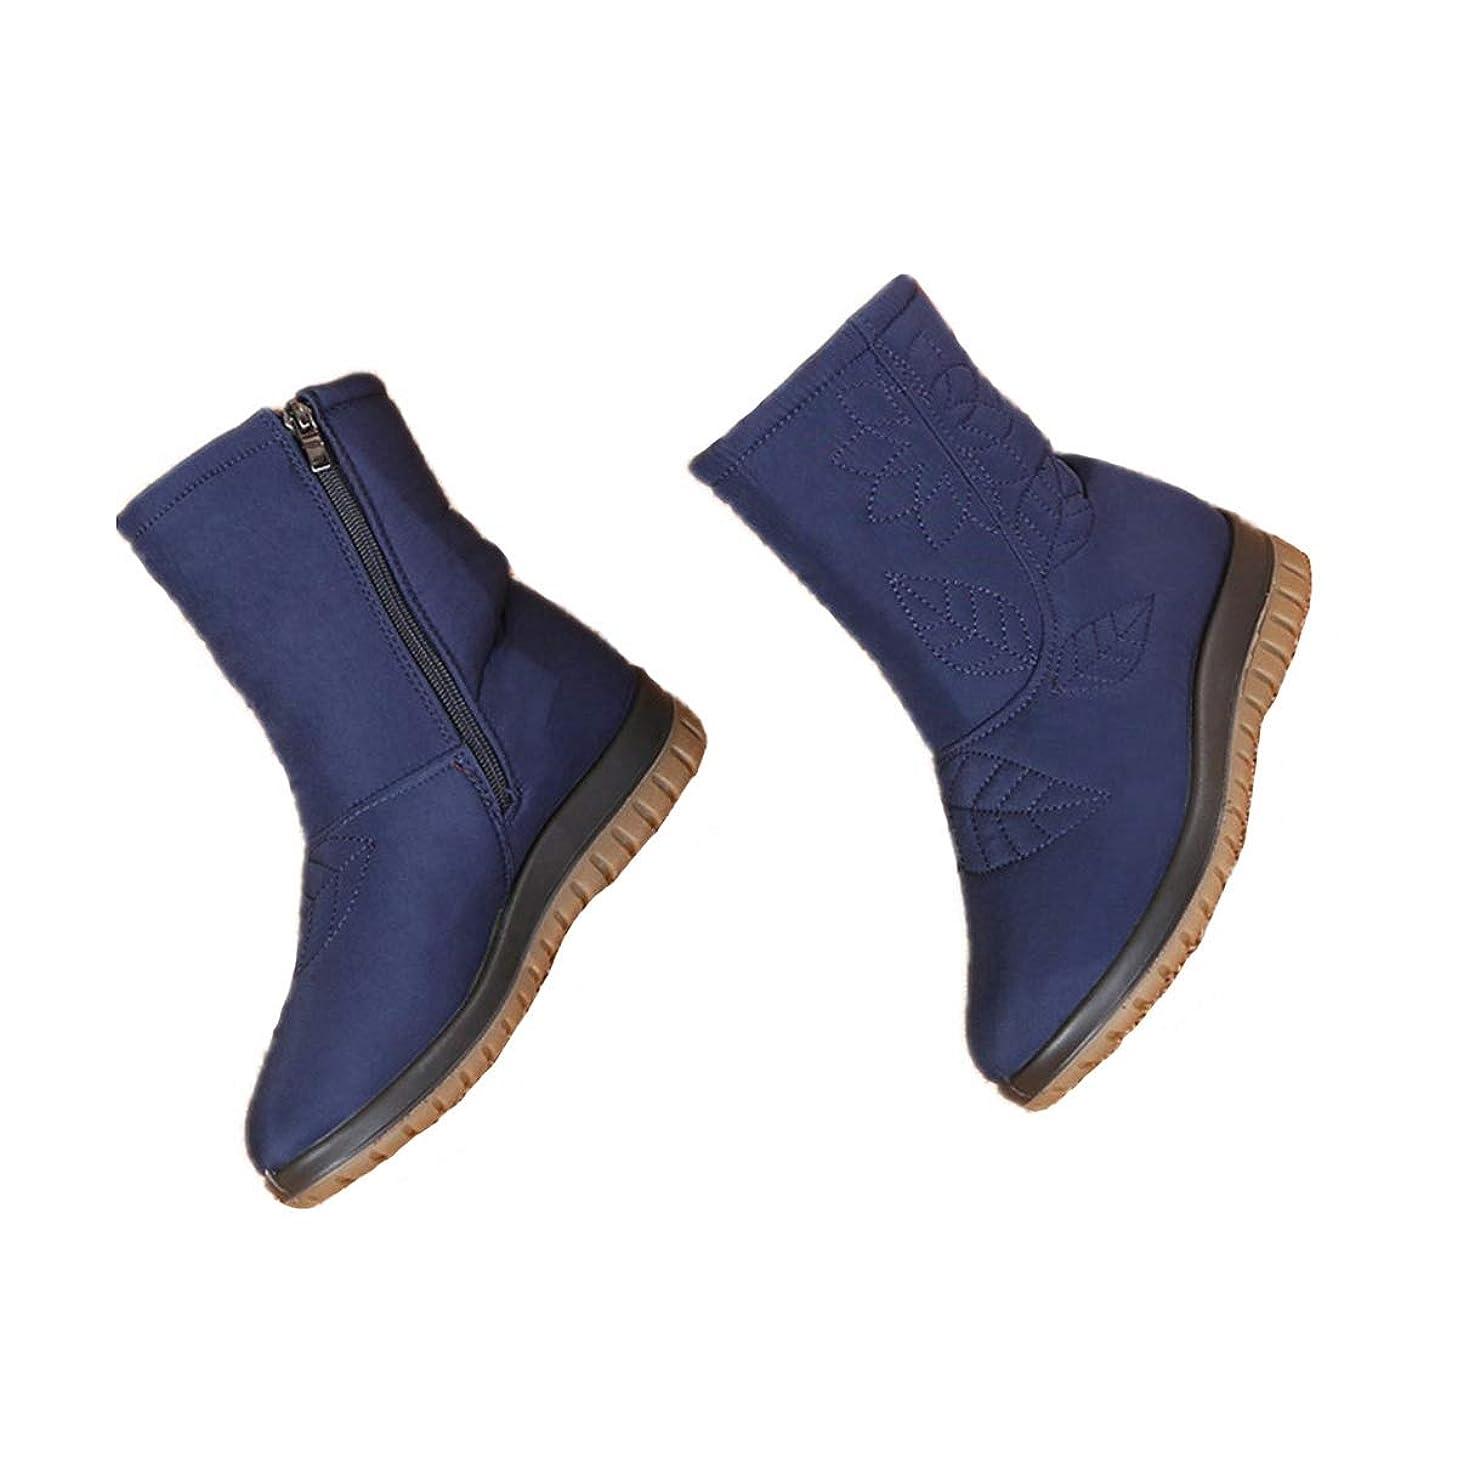 証拠ダウン被る[HR株式会社] レディース ショート ブーツ スノーシューズ スノーブーツ 裏ボア 暖かい 厚底 防水 防滑 防寒 雪 短靴 冬